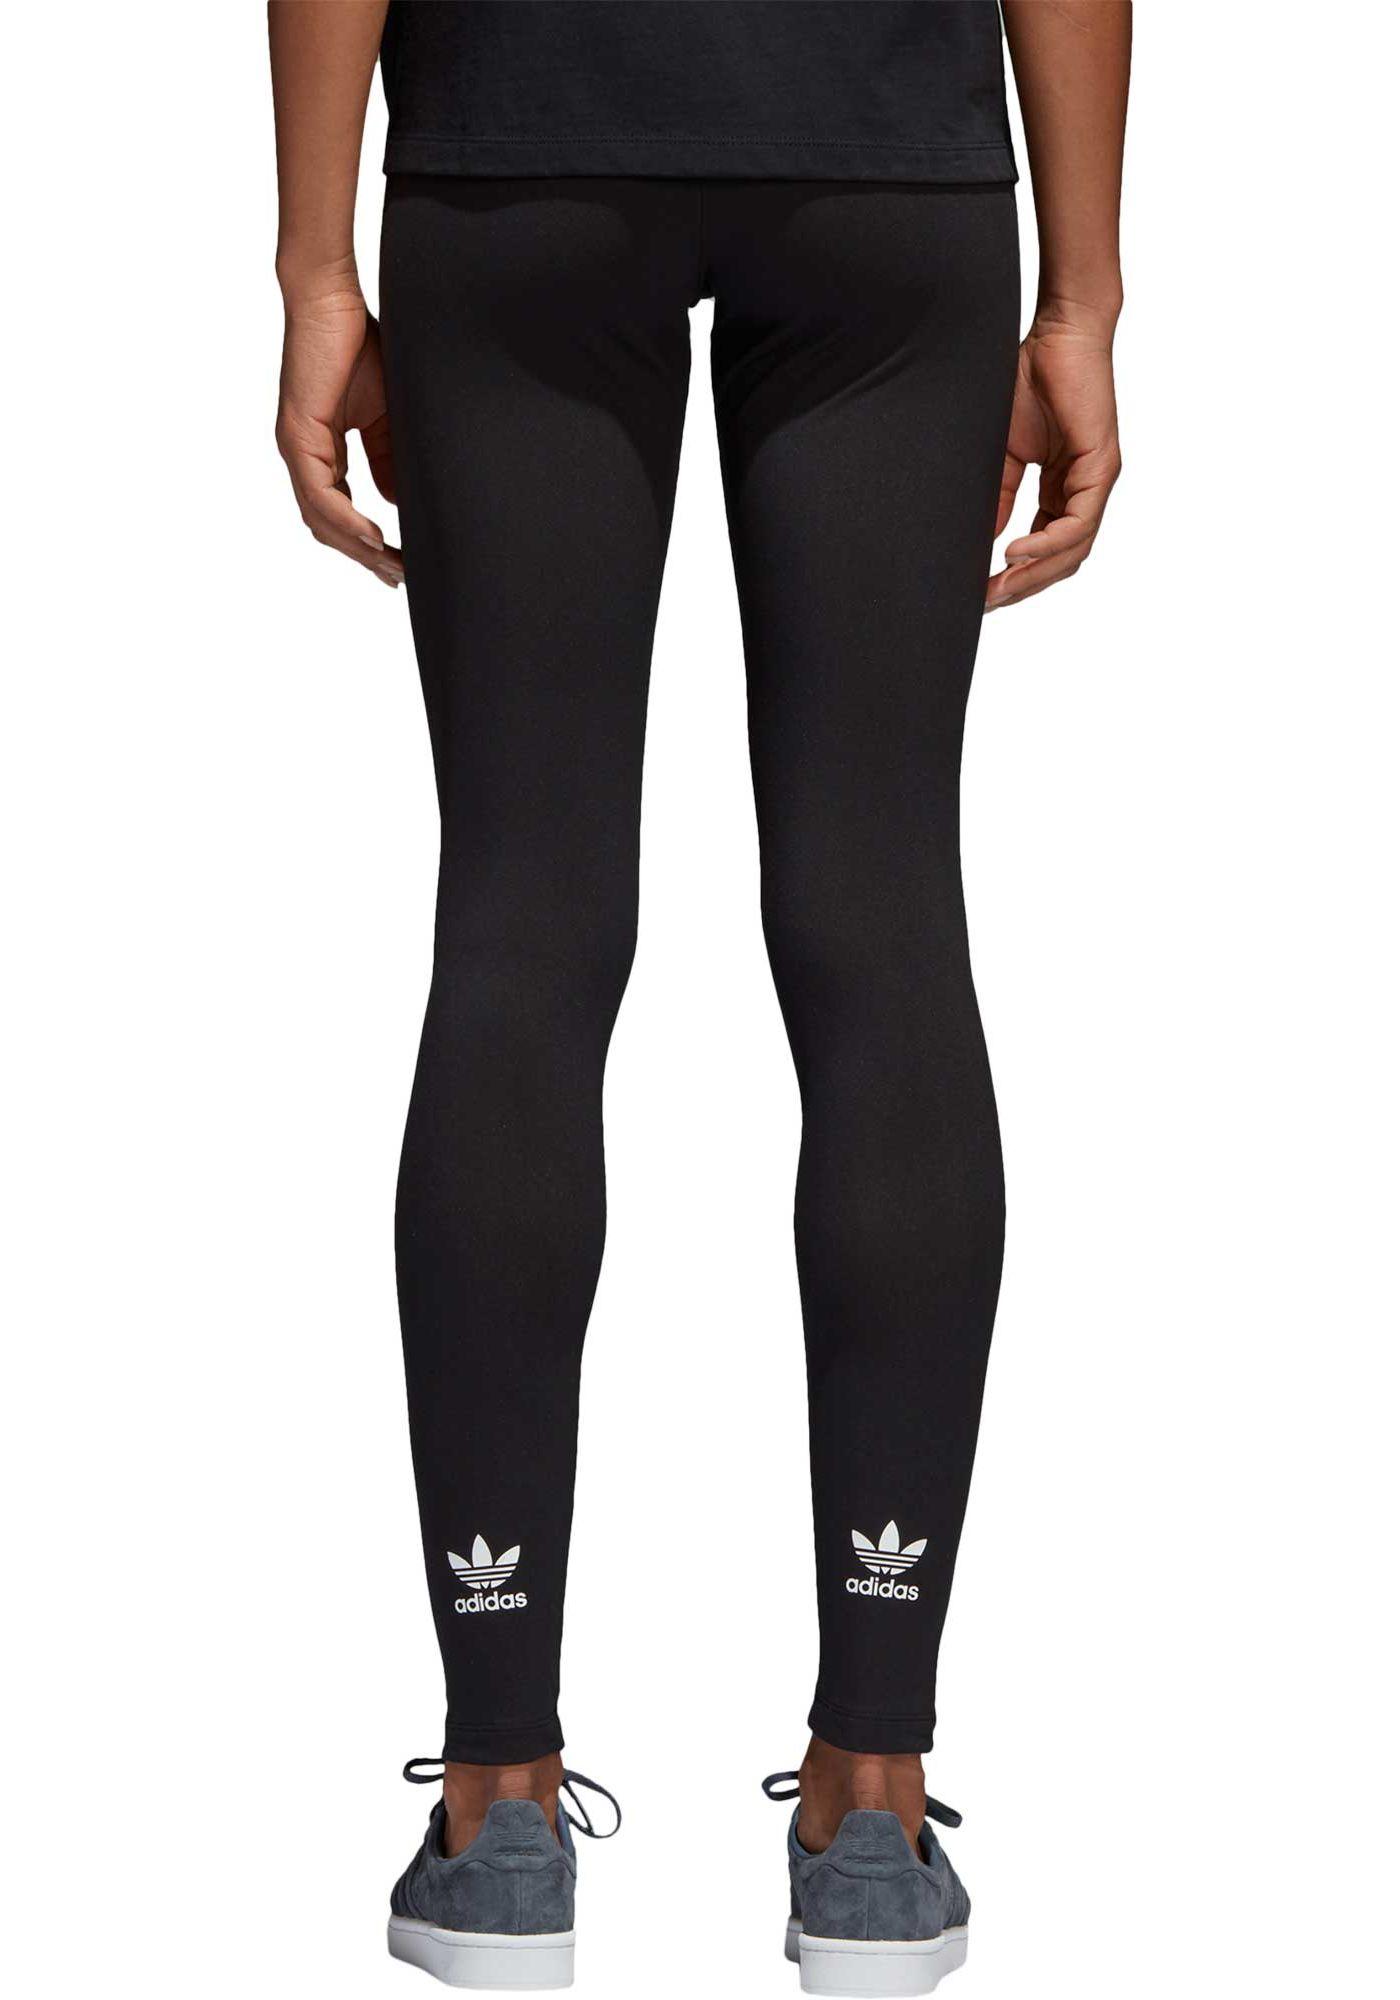 adidas Originals Women's Trefoil Leggings